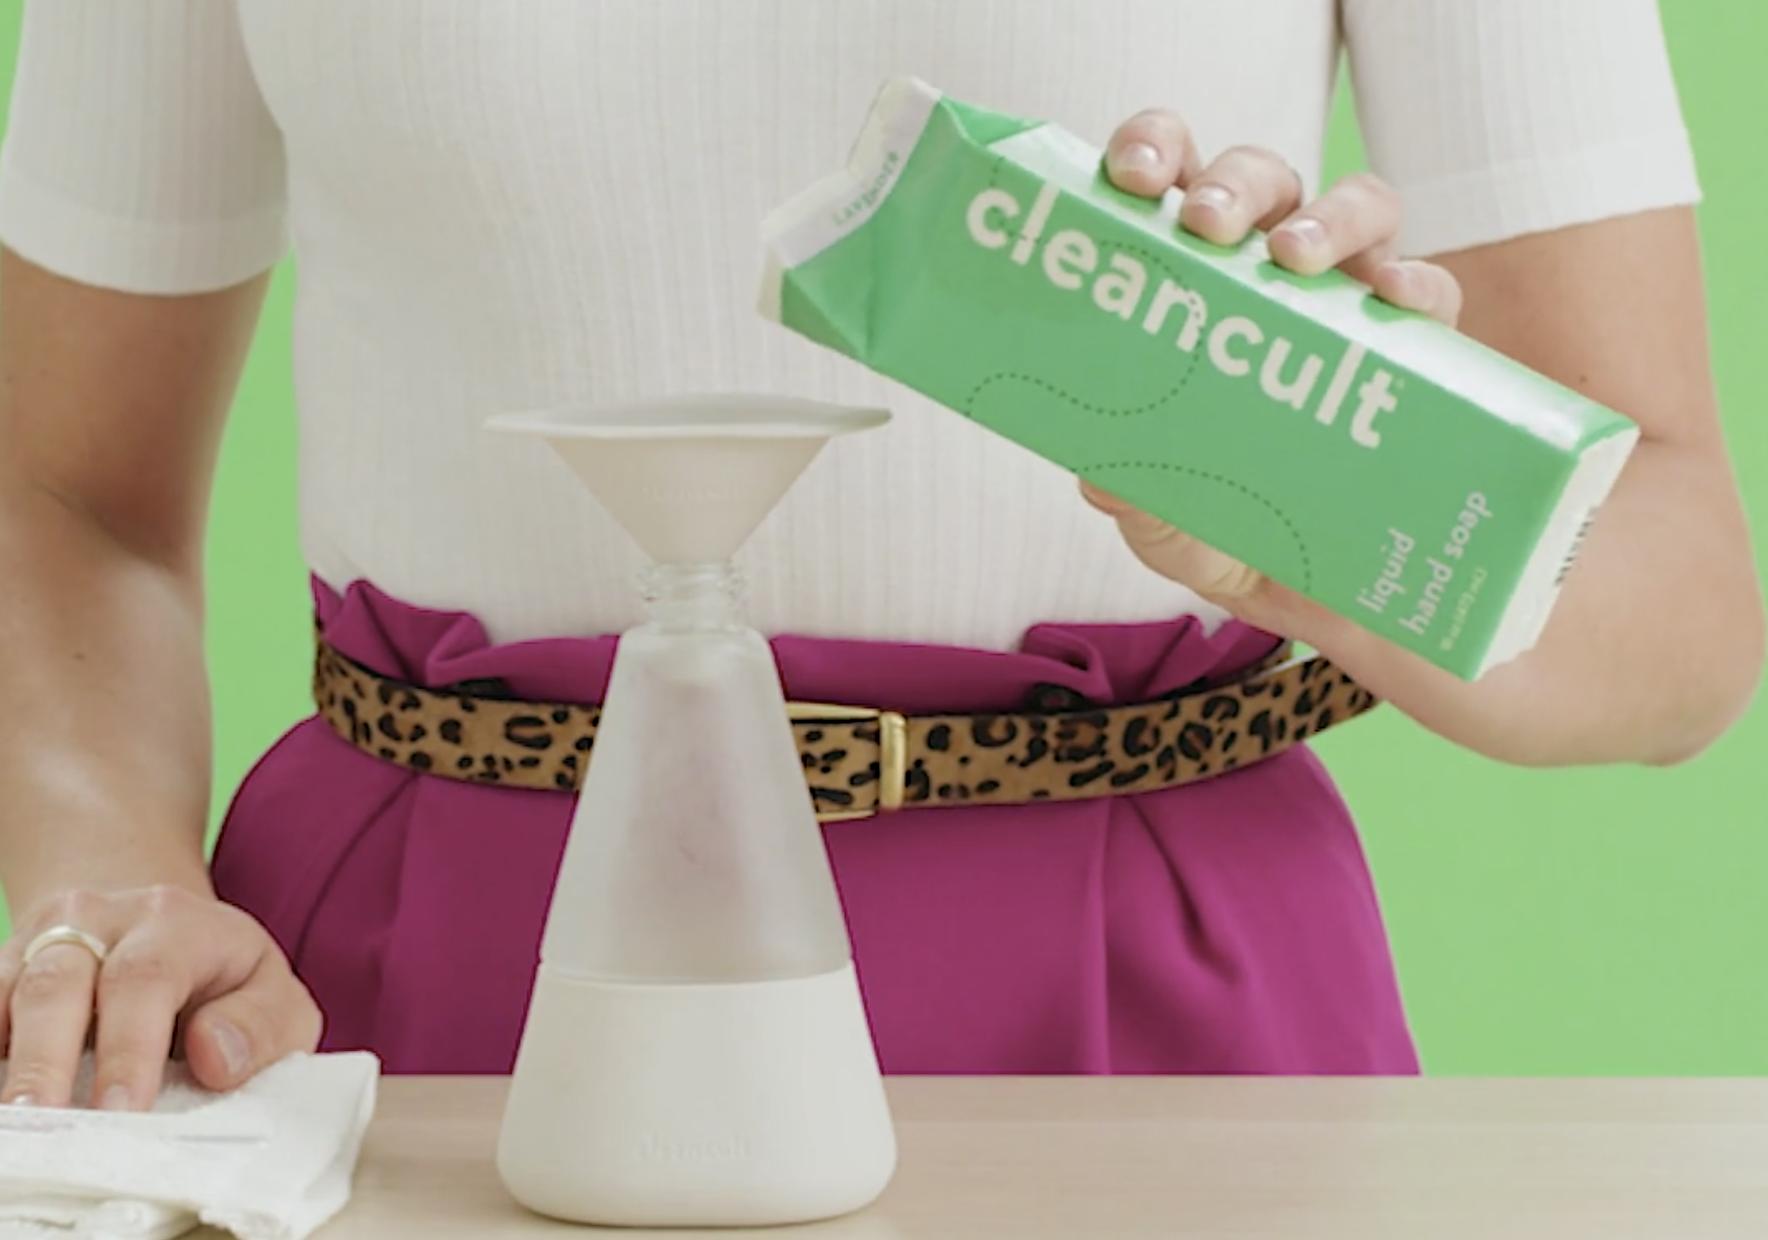 cleancult